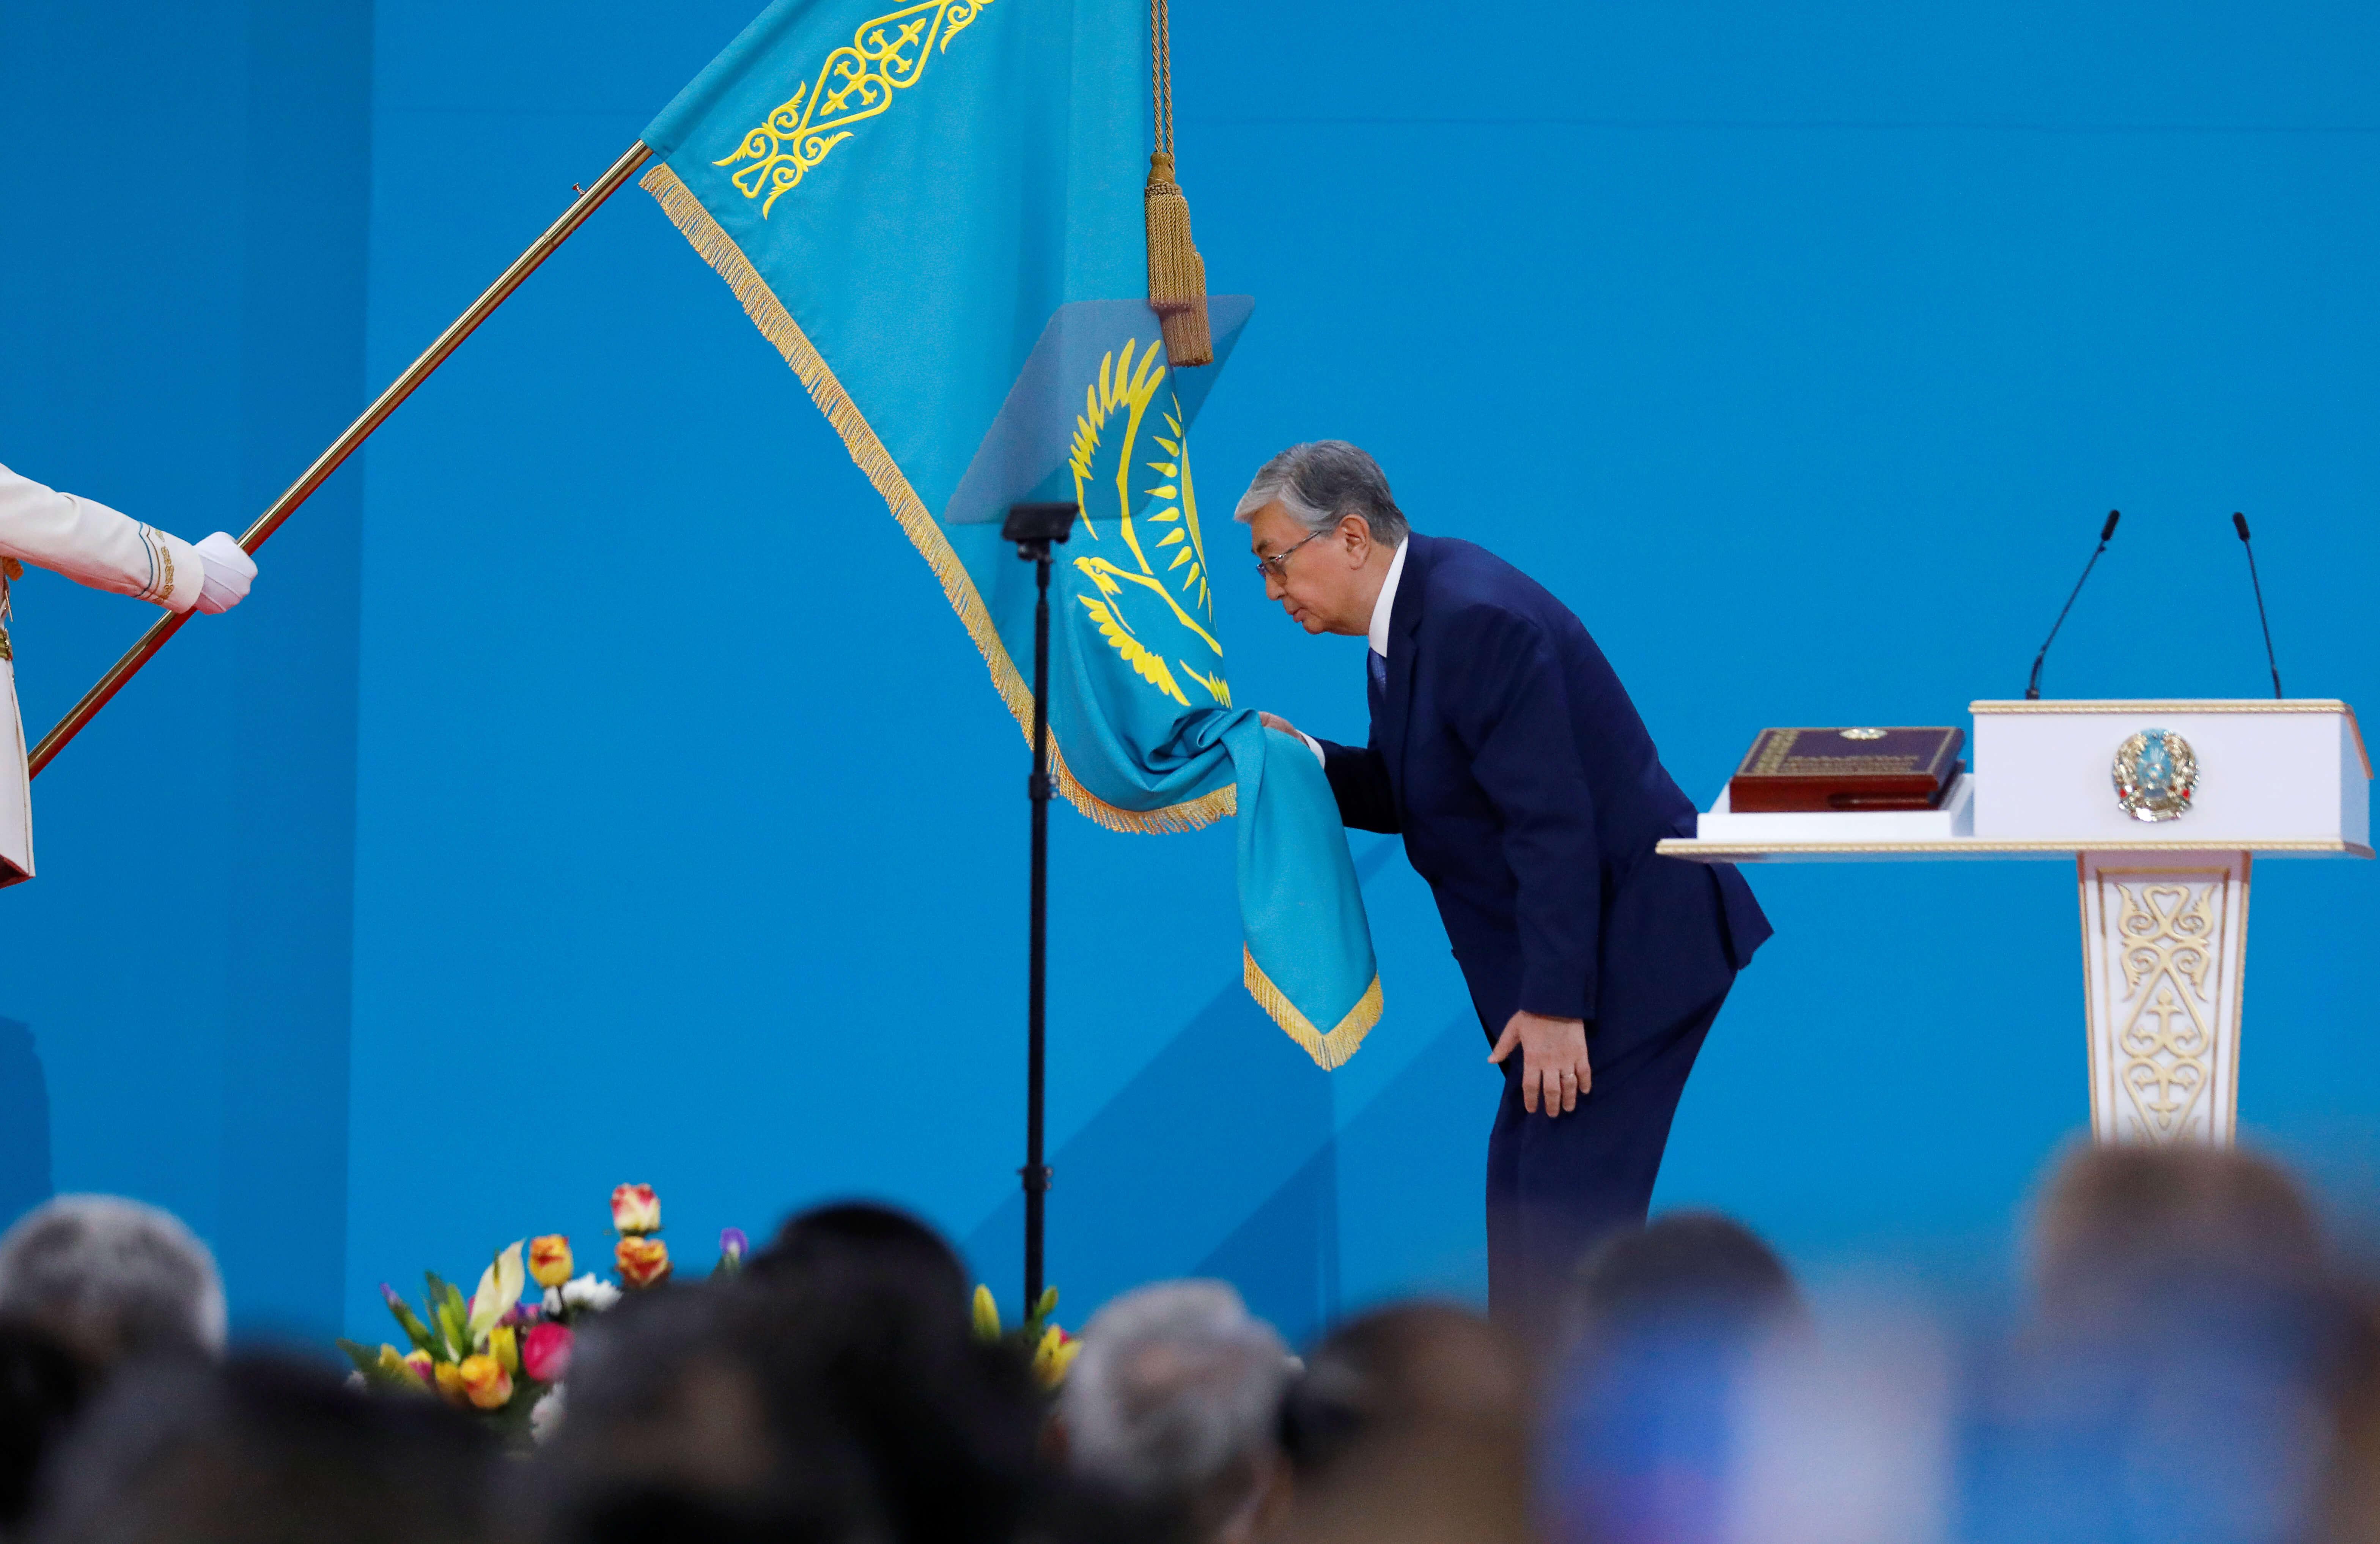 Ο Κασίμ Γιομάρτ Τοκάγεφ  ορκίστηκε νέος πρόεδρος του Καζακστάν